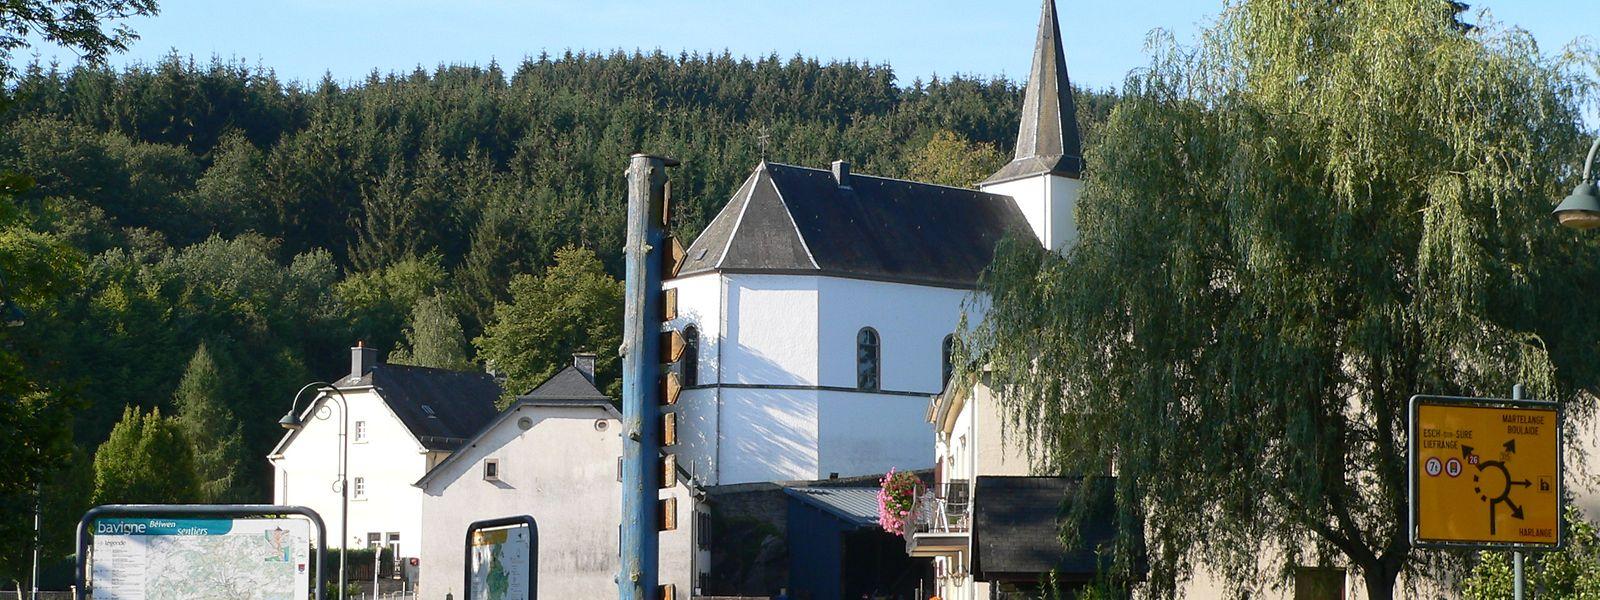 Die Ortschaft Boewen bildet seit nunmehr 40 Jahren den Hauptort der Stauseegemeinde.